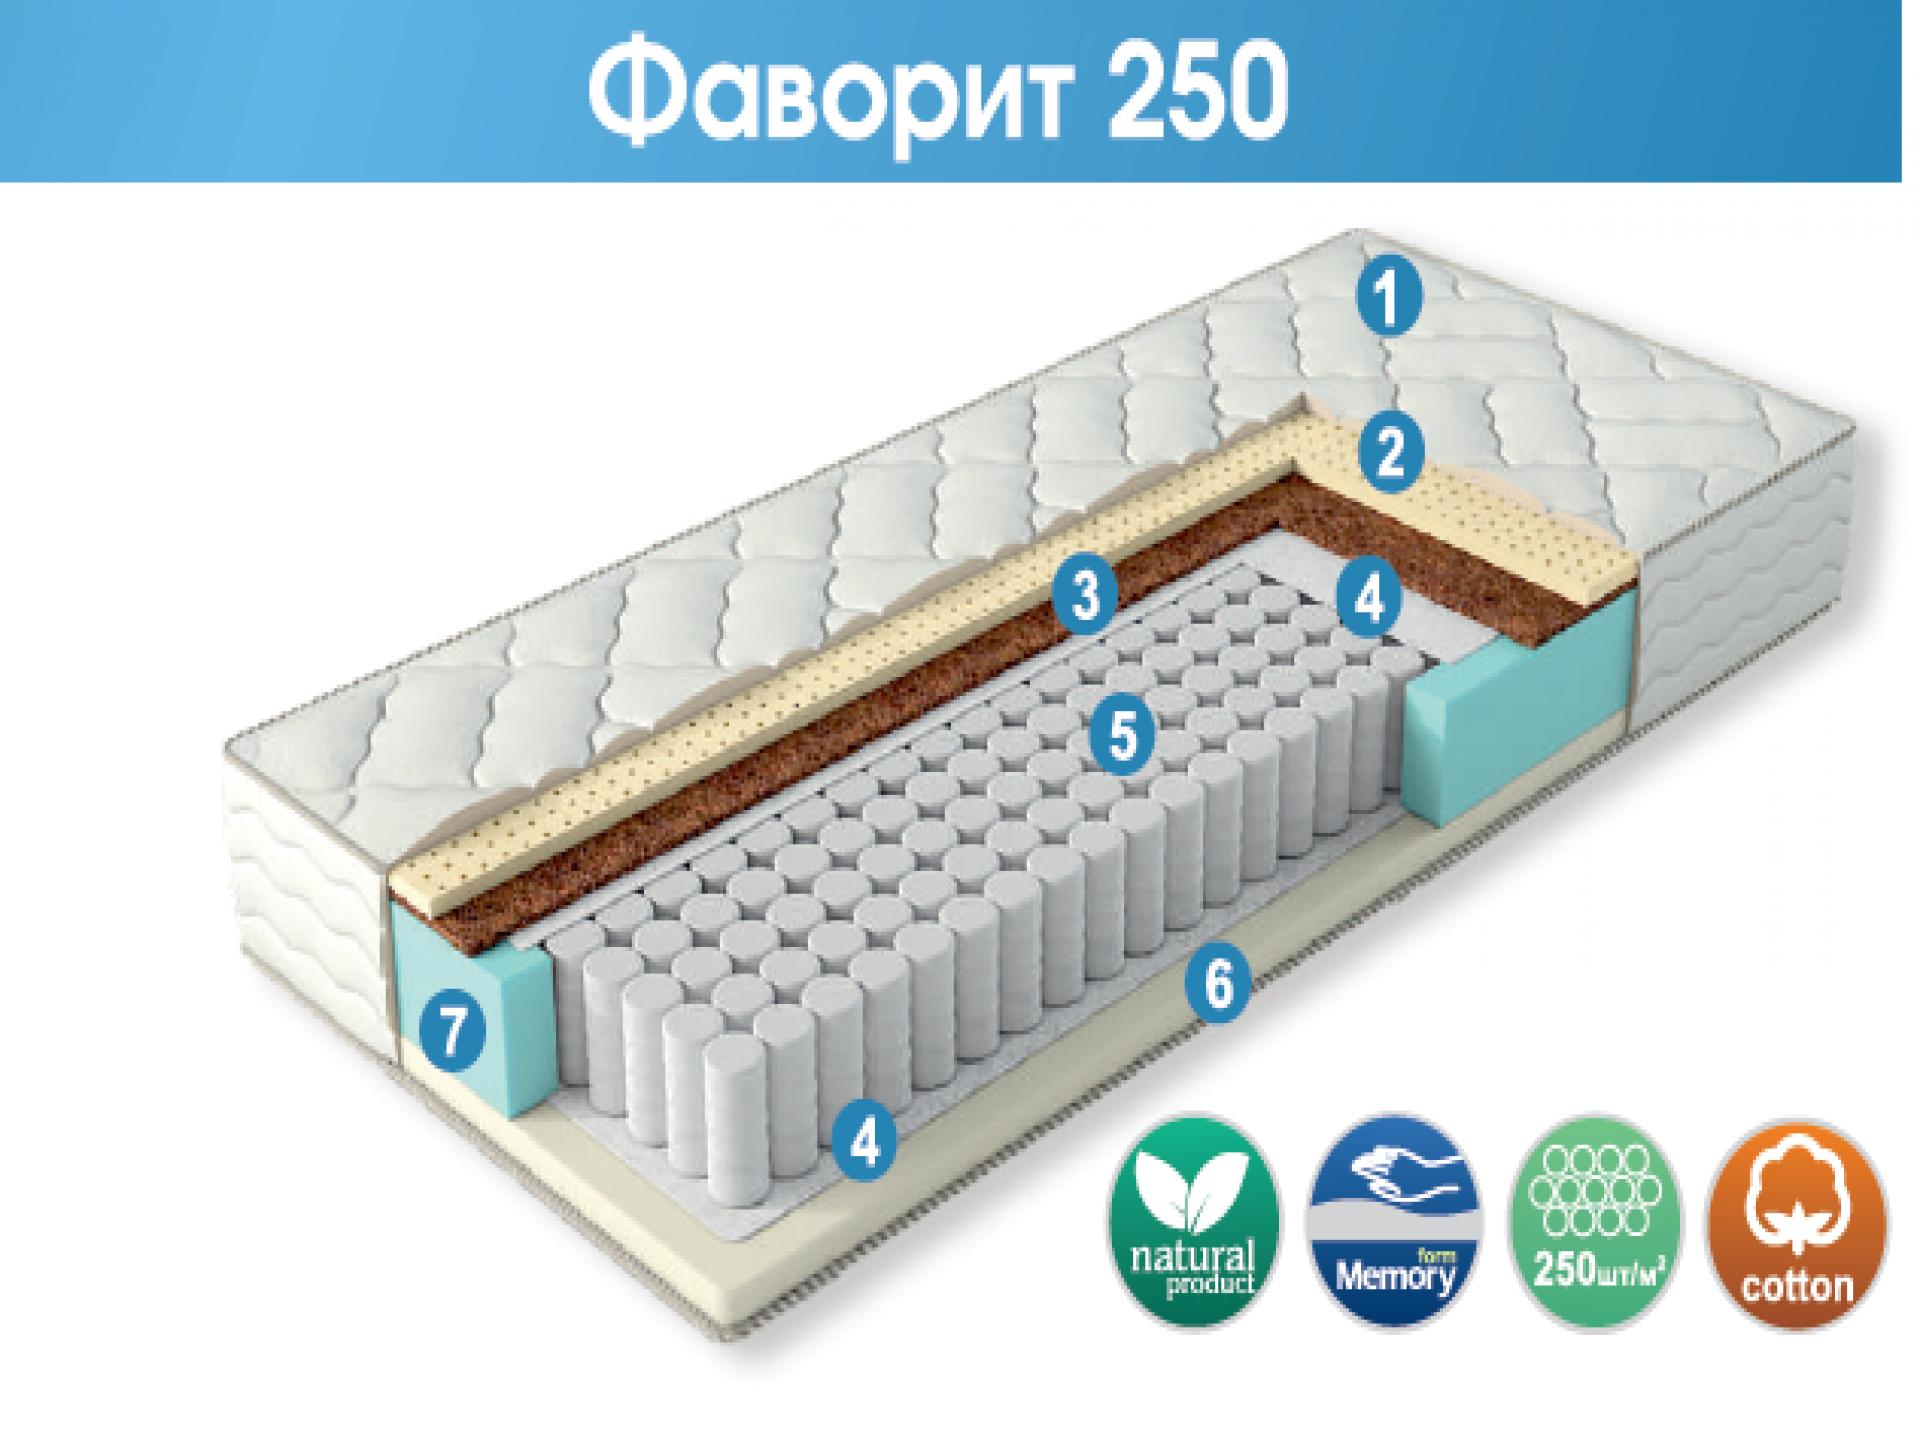 """Матрас """"Фаворит 250"""" приобрести в Томске"""